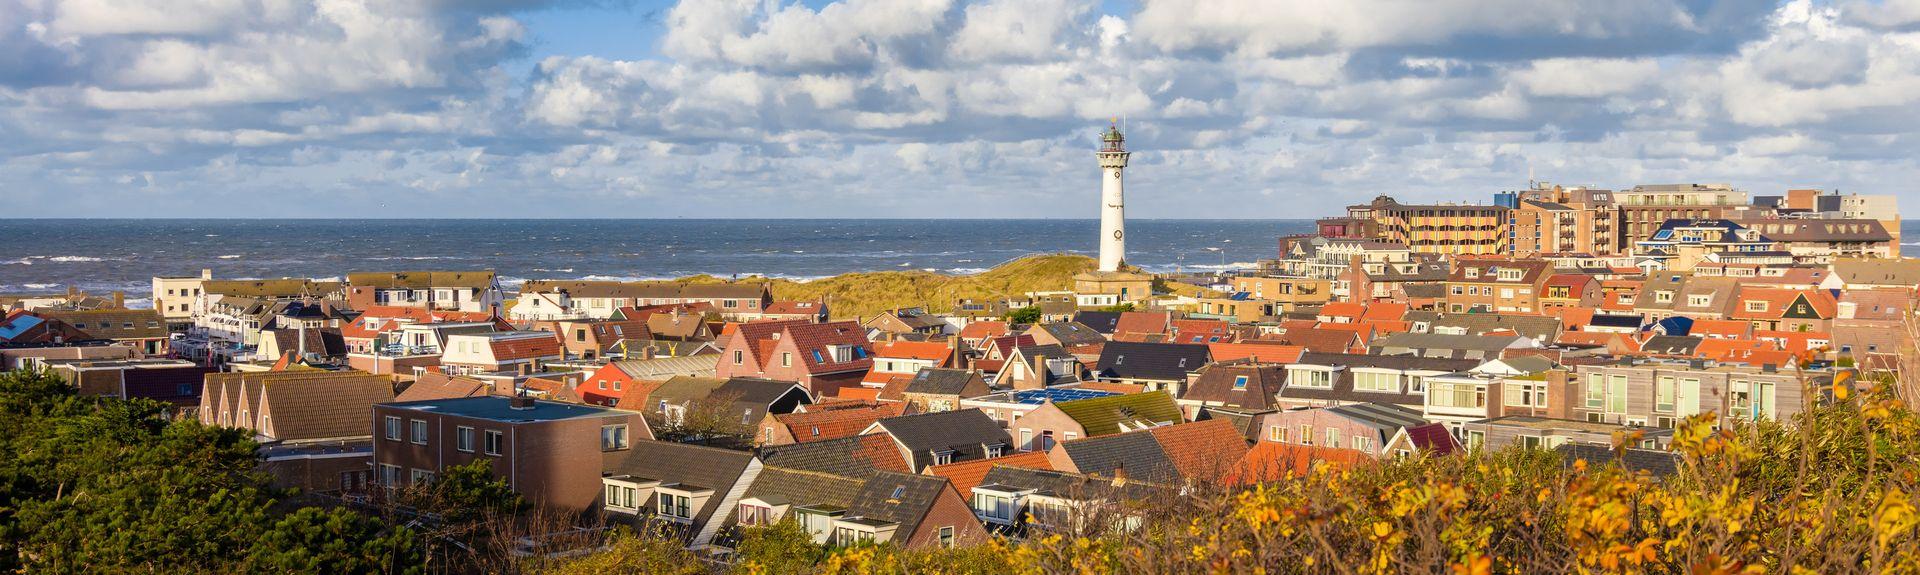 Egmond aan Zee, Holandia Północna, Holandia